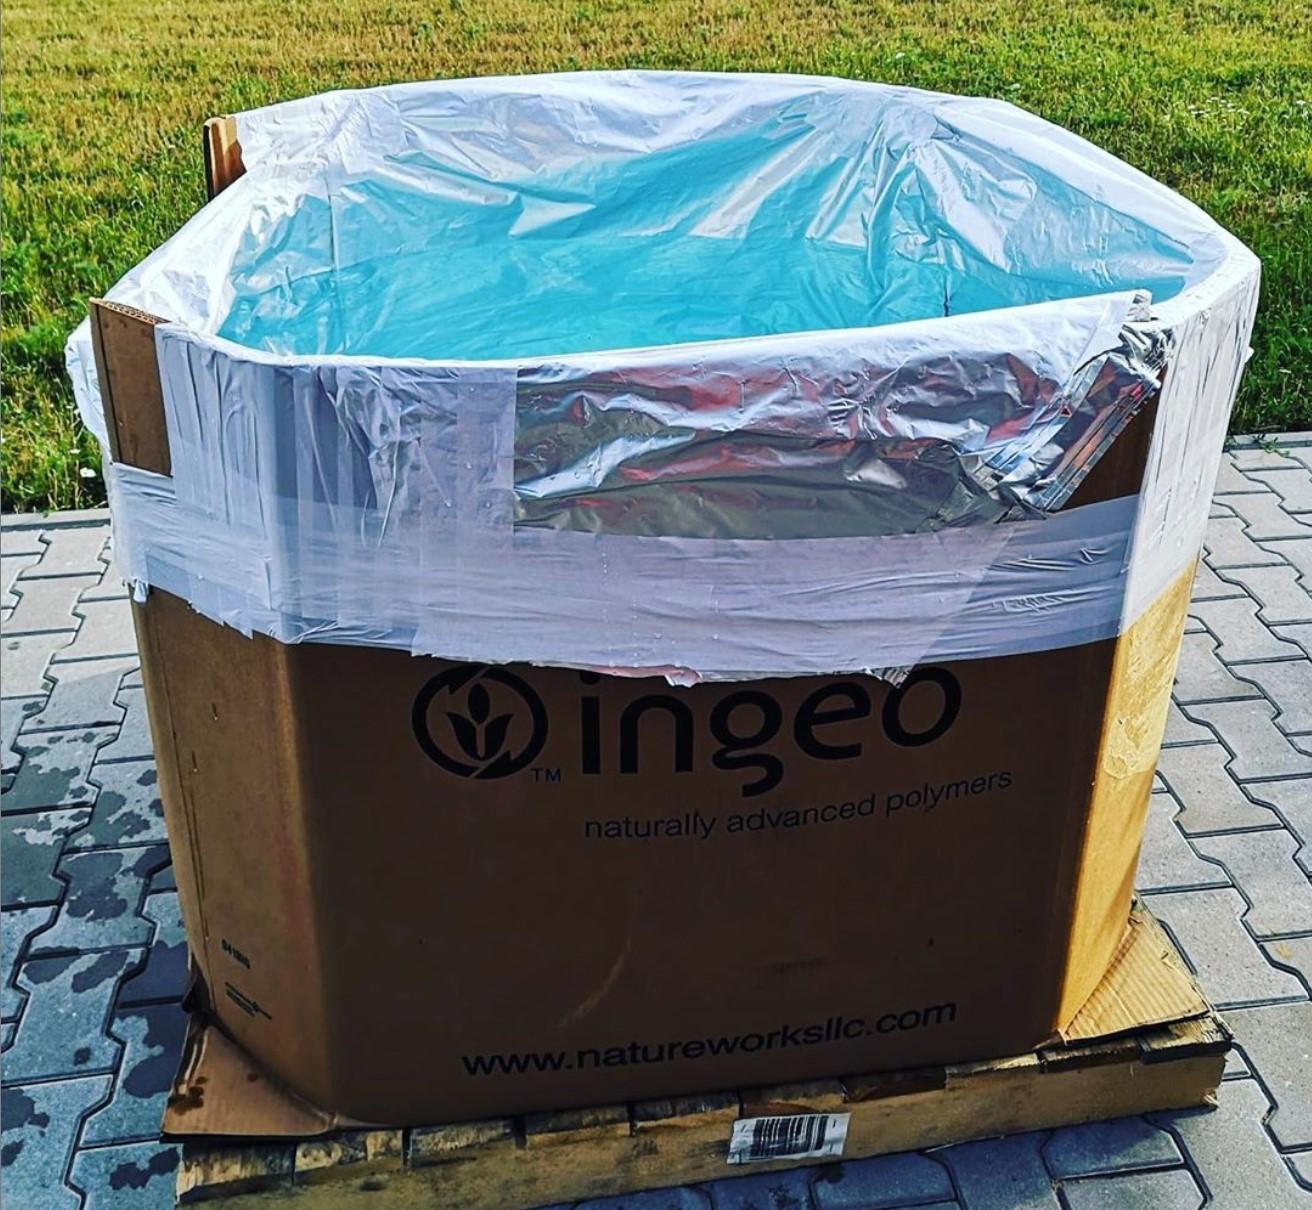 Endlich eine guten Nutzen für die PLA Granulatboxen gefunden. 38°C heute, wir sind bereit ;)